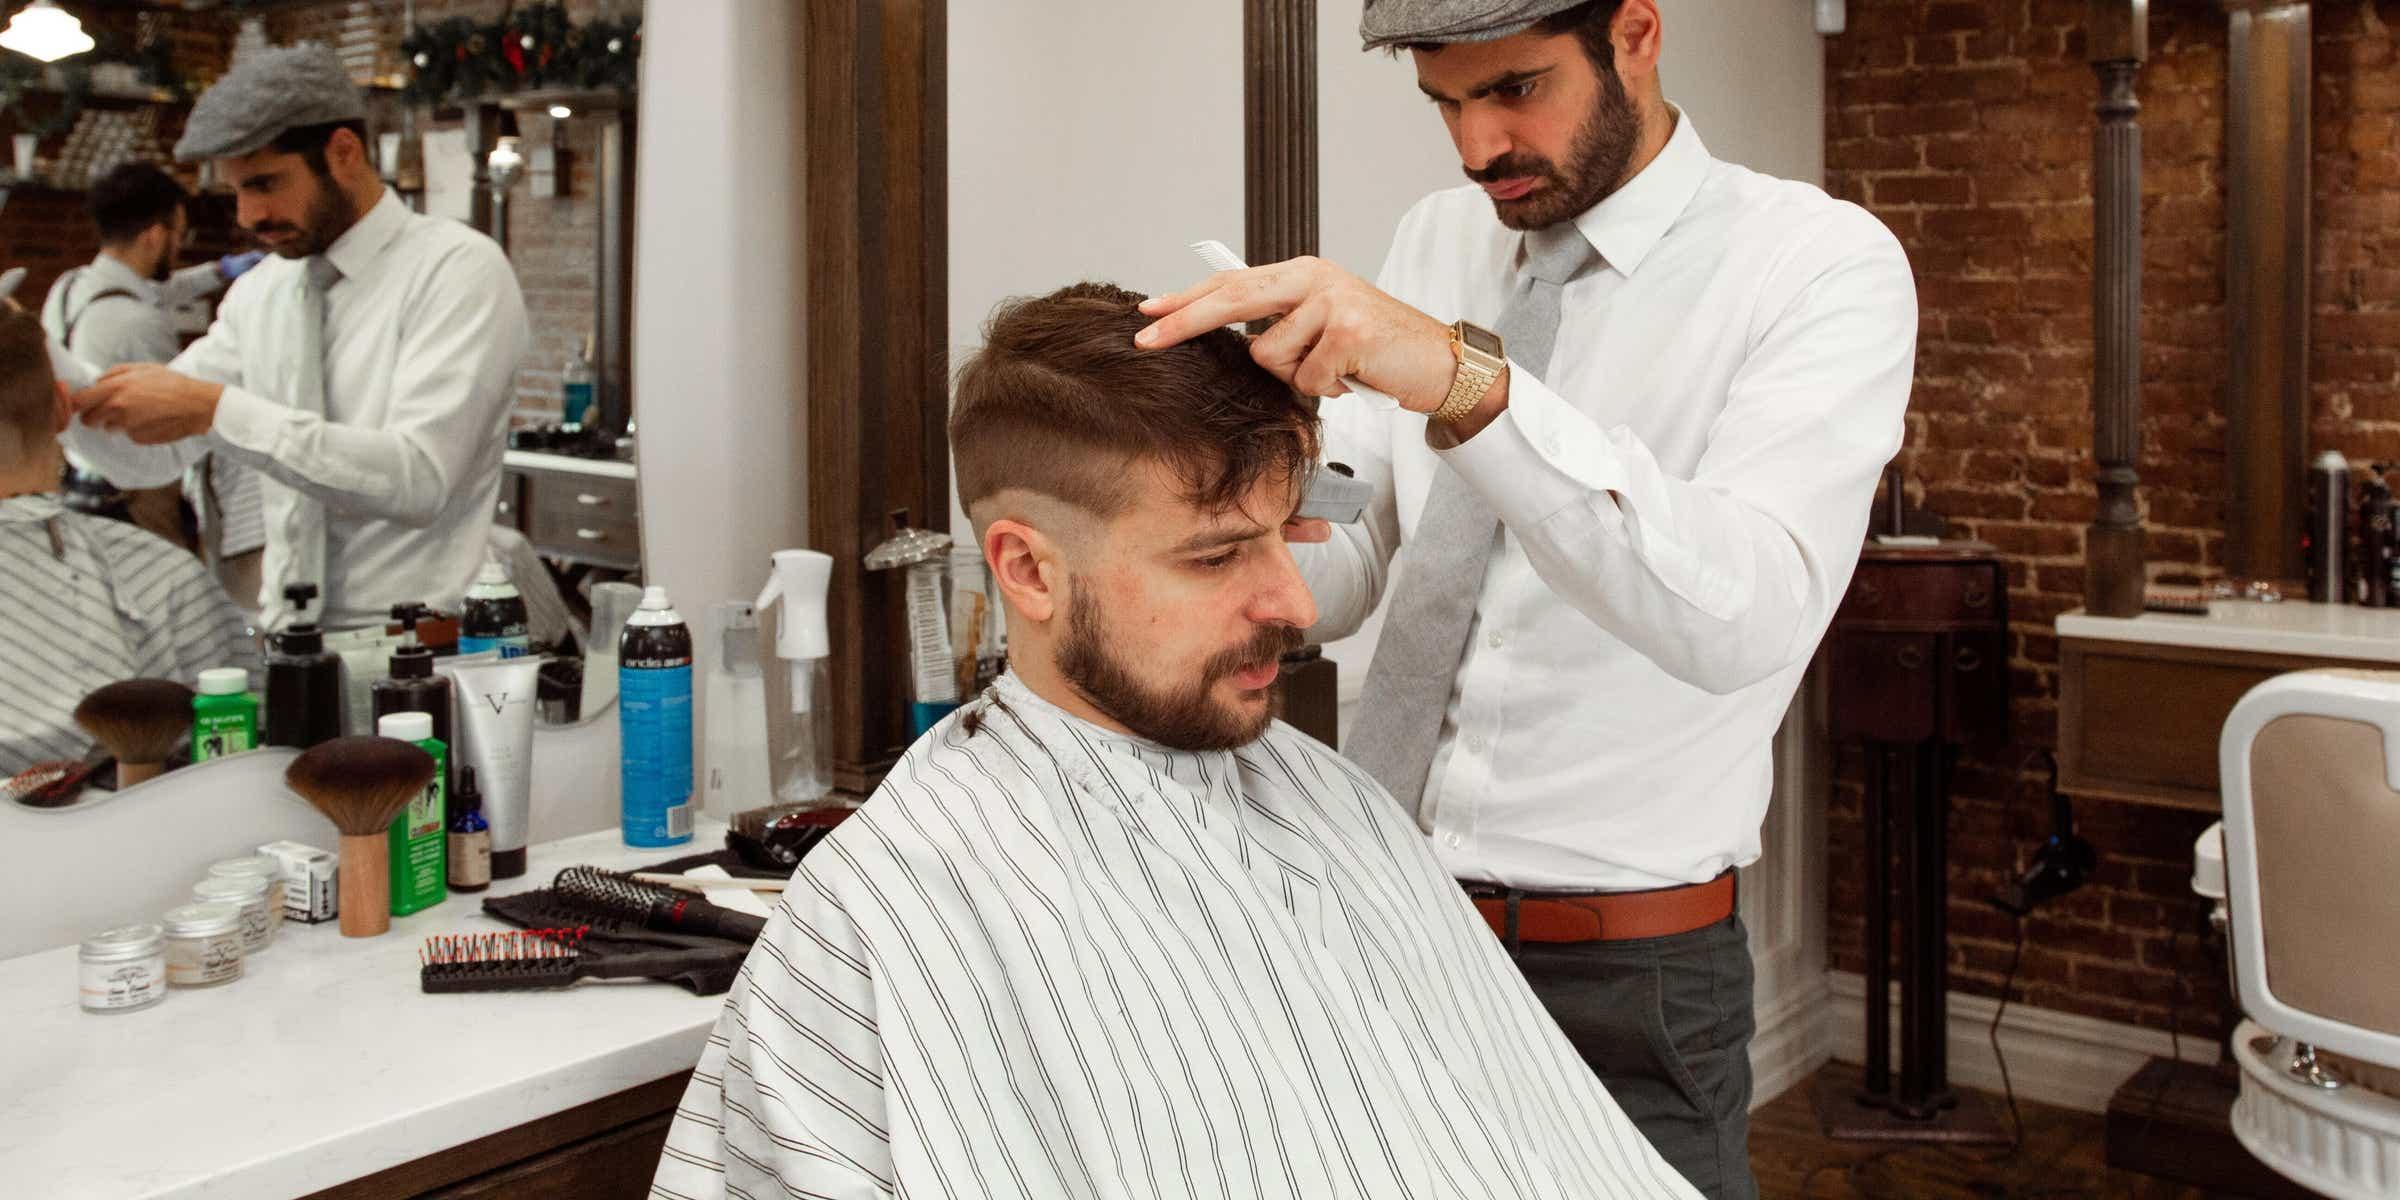 Barber Job Description